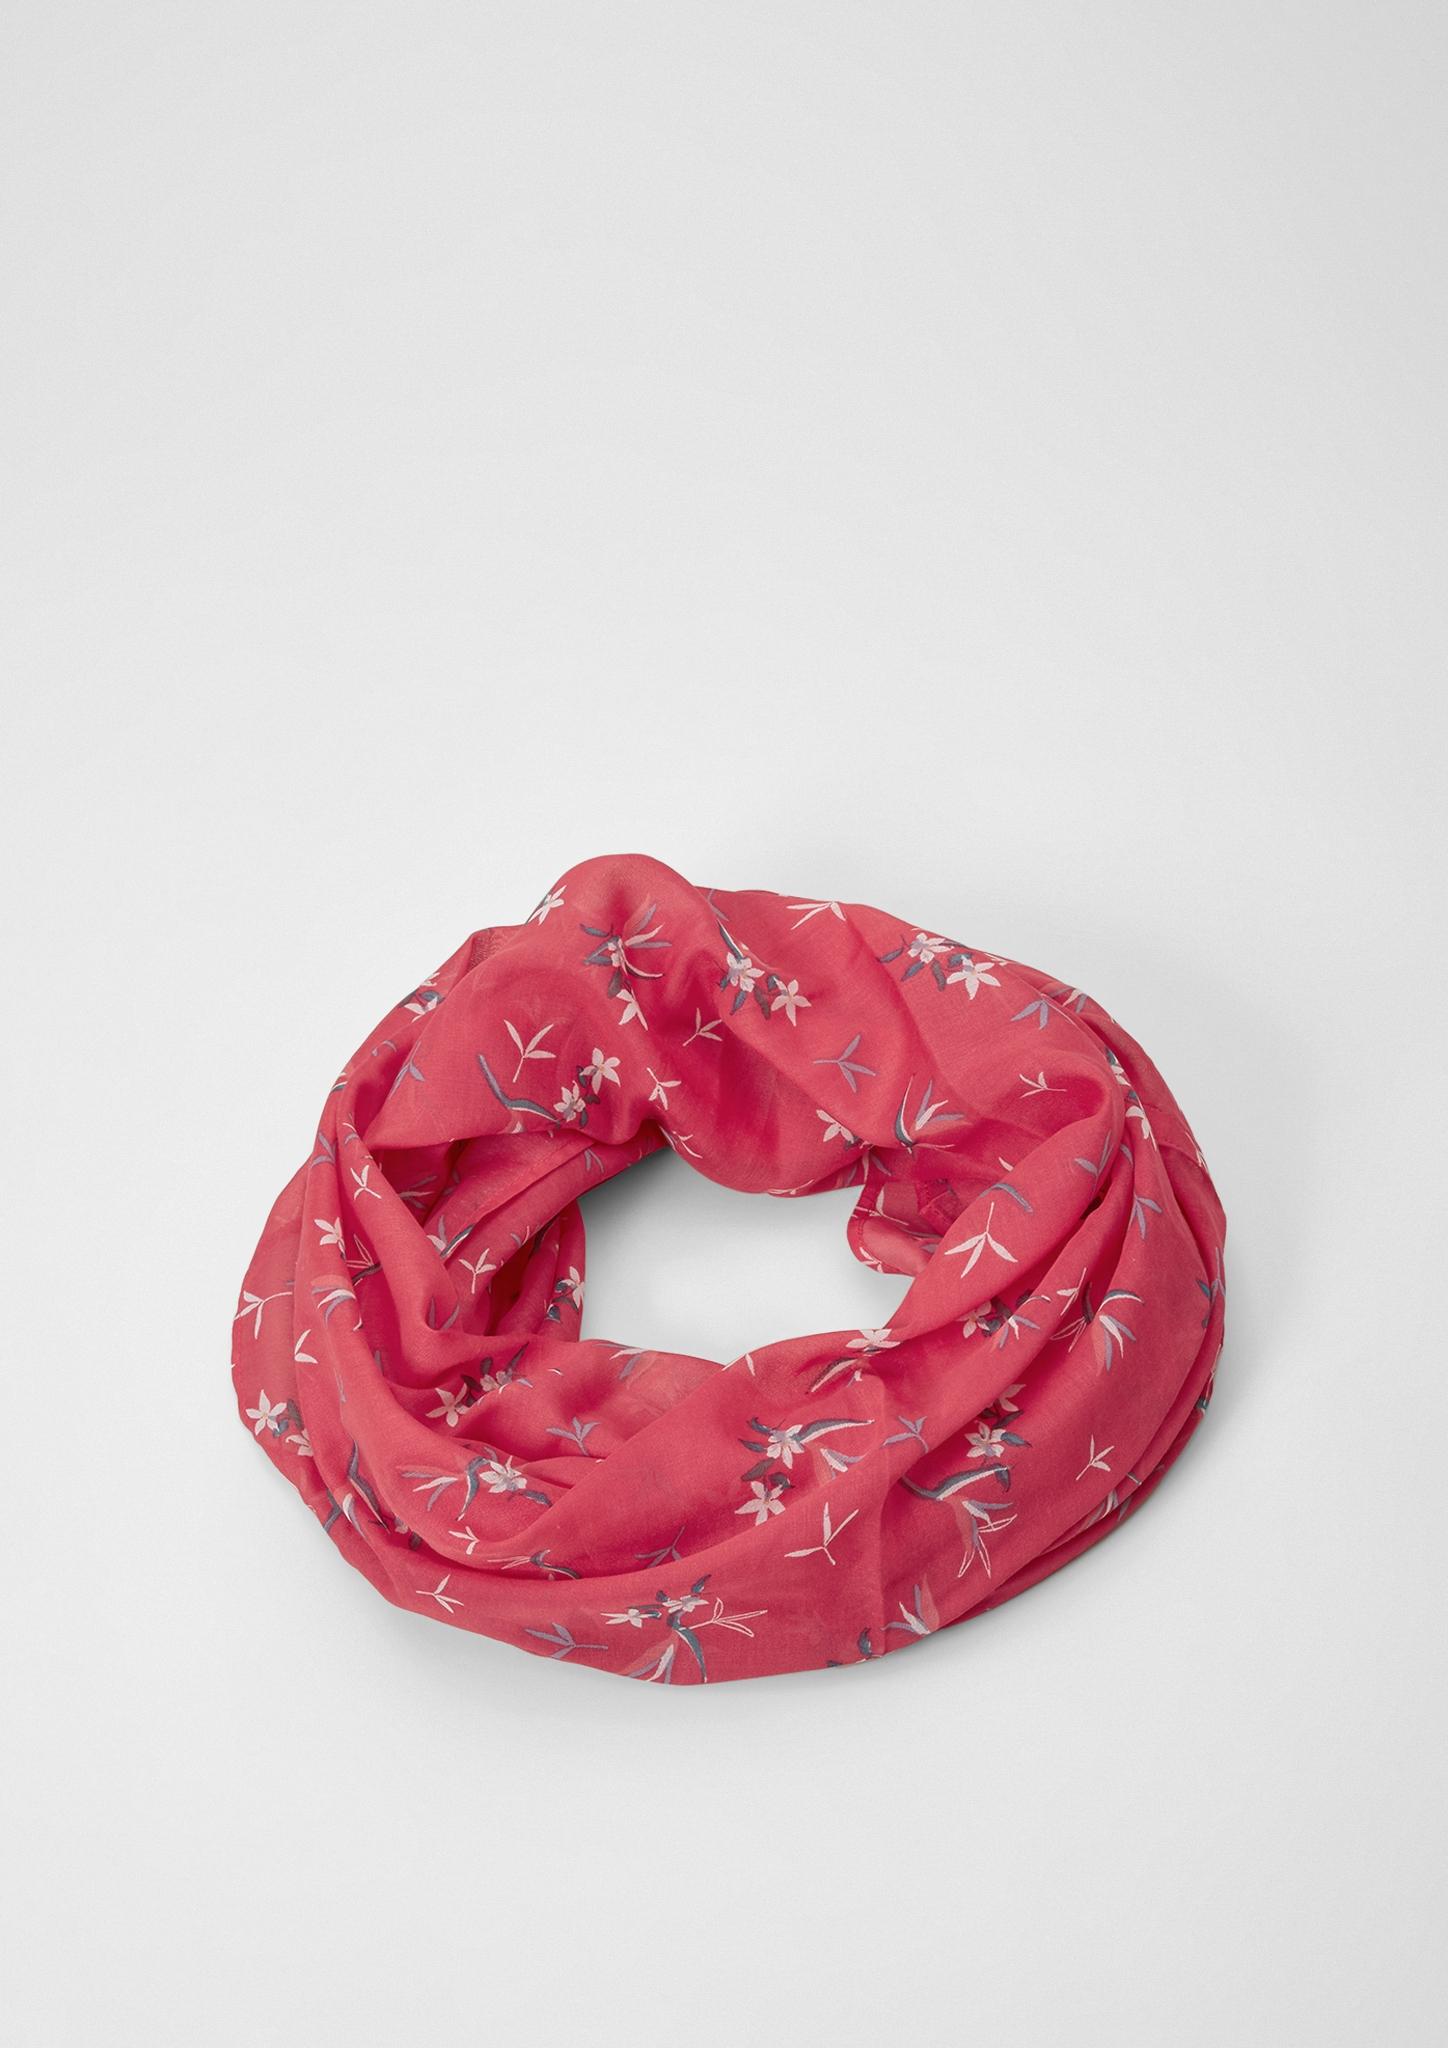 Loop | Accessoires > Schals & Tücher > Loops | Pink | 100% polyester | s.Oliver